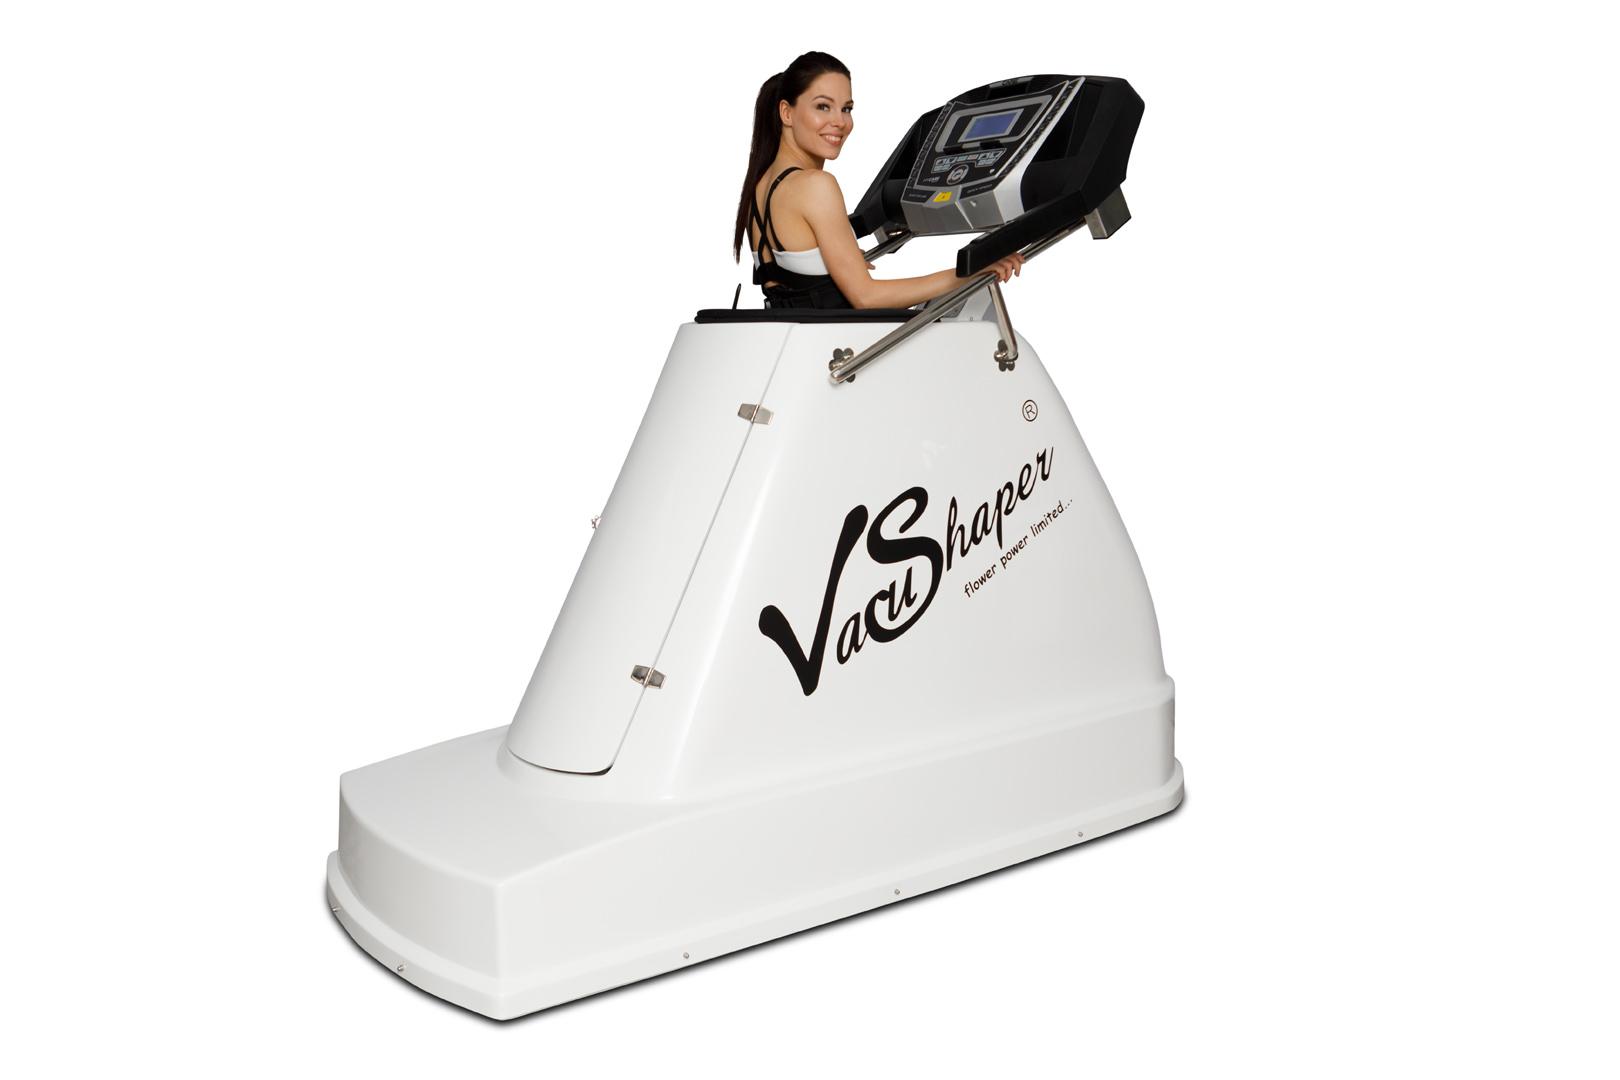 Inne rodzaje Vacu Shaper - Działanie podciśnienia | Studio Figura KF81